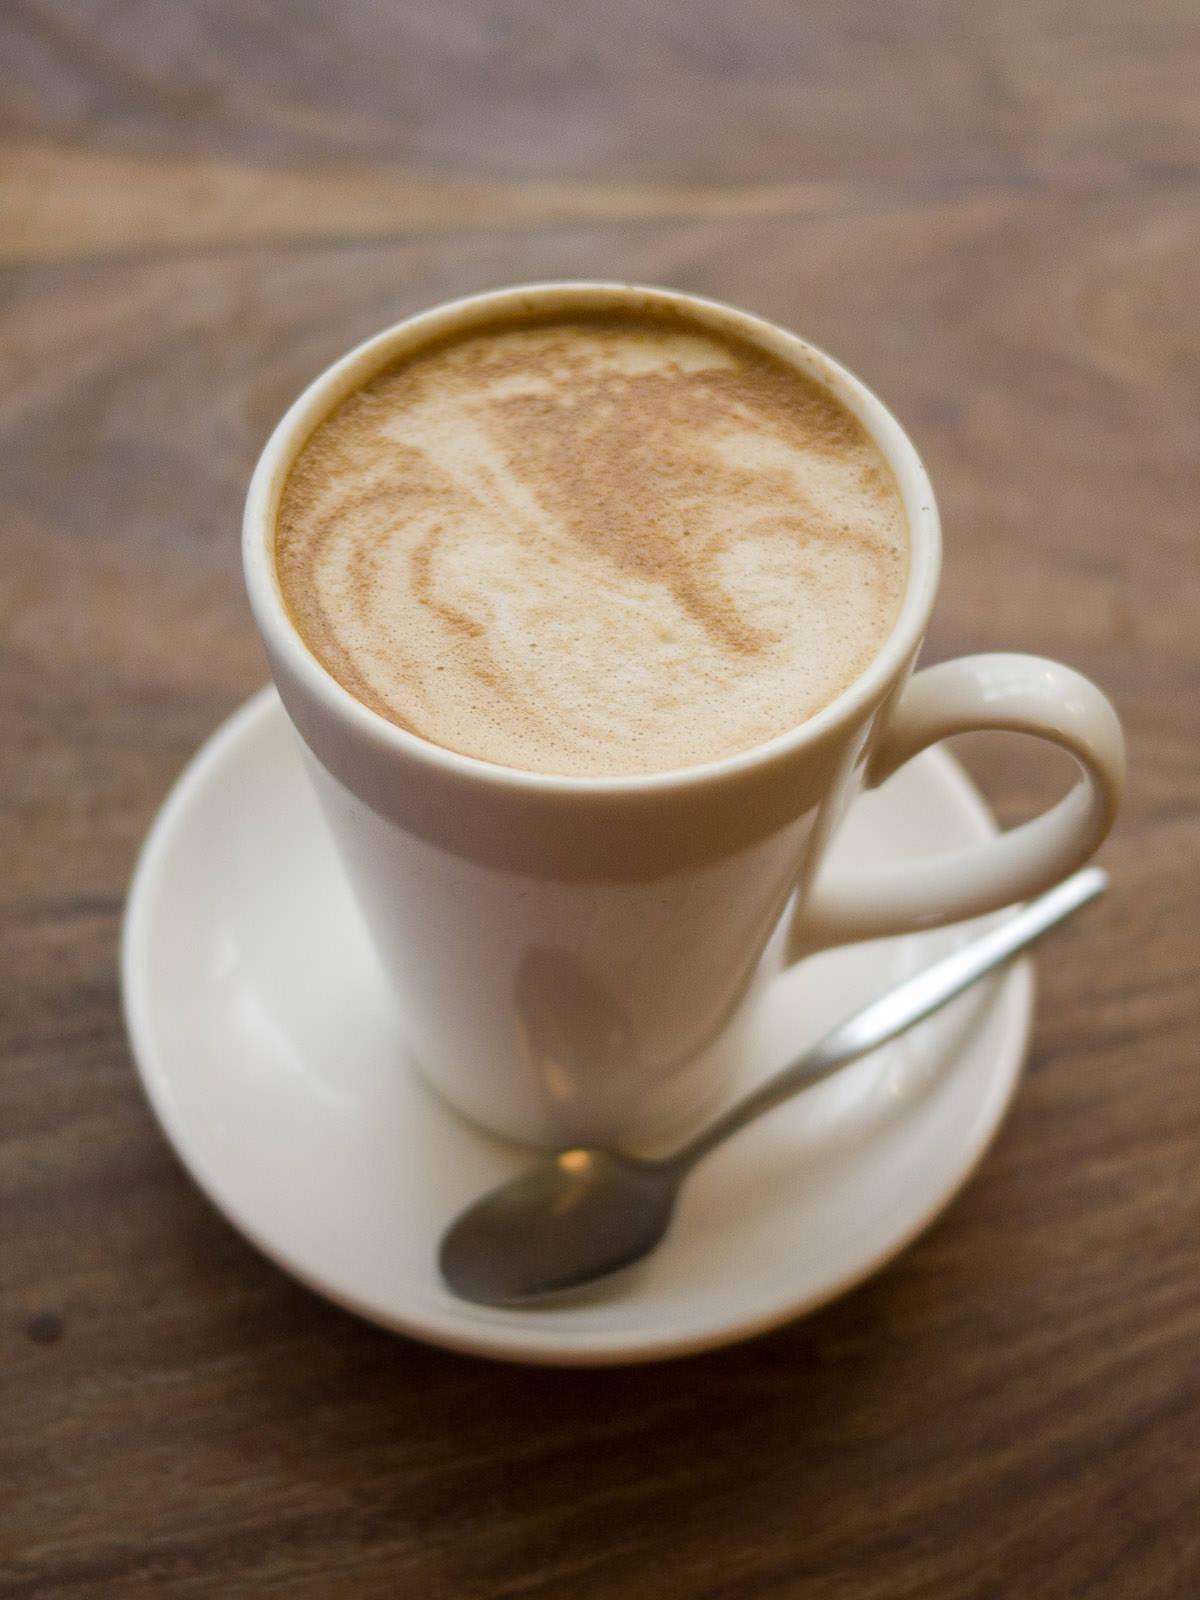 Soy flat white in a mug